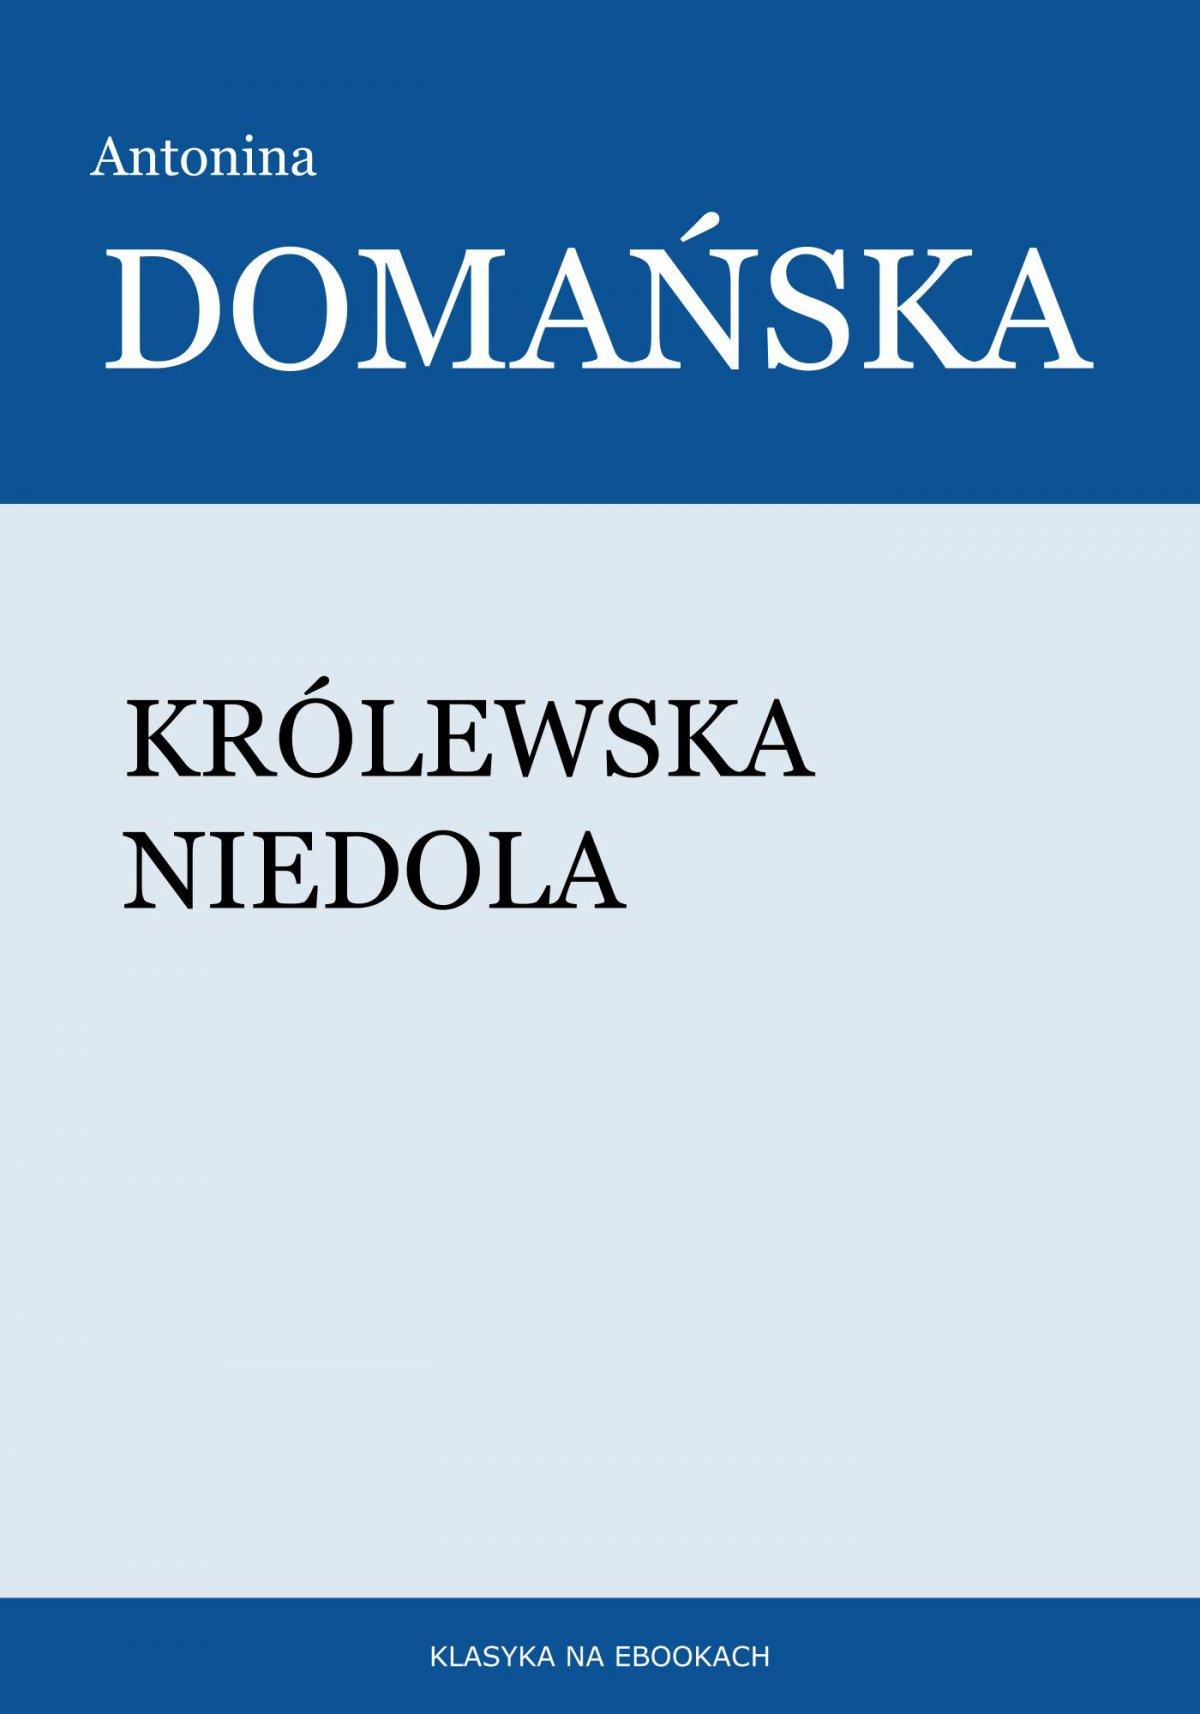 Królewska niedola - Ebook (Książka EPUB) do pobrania w formacie EPUB